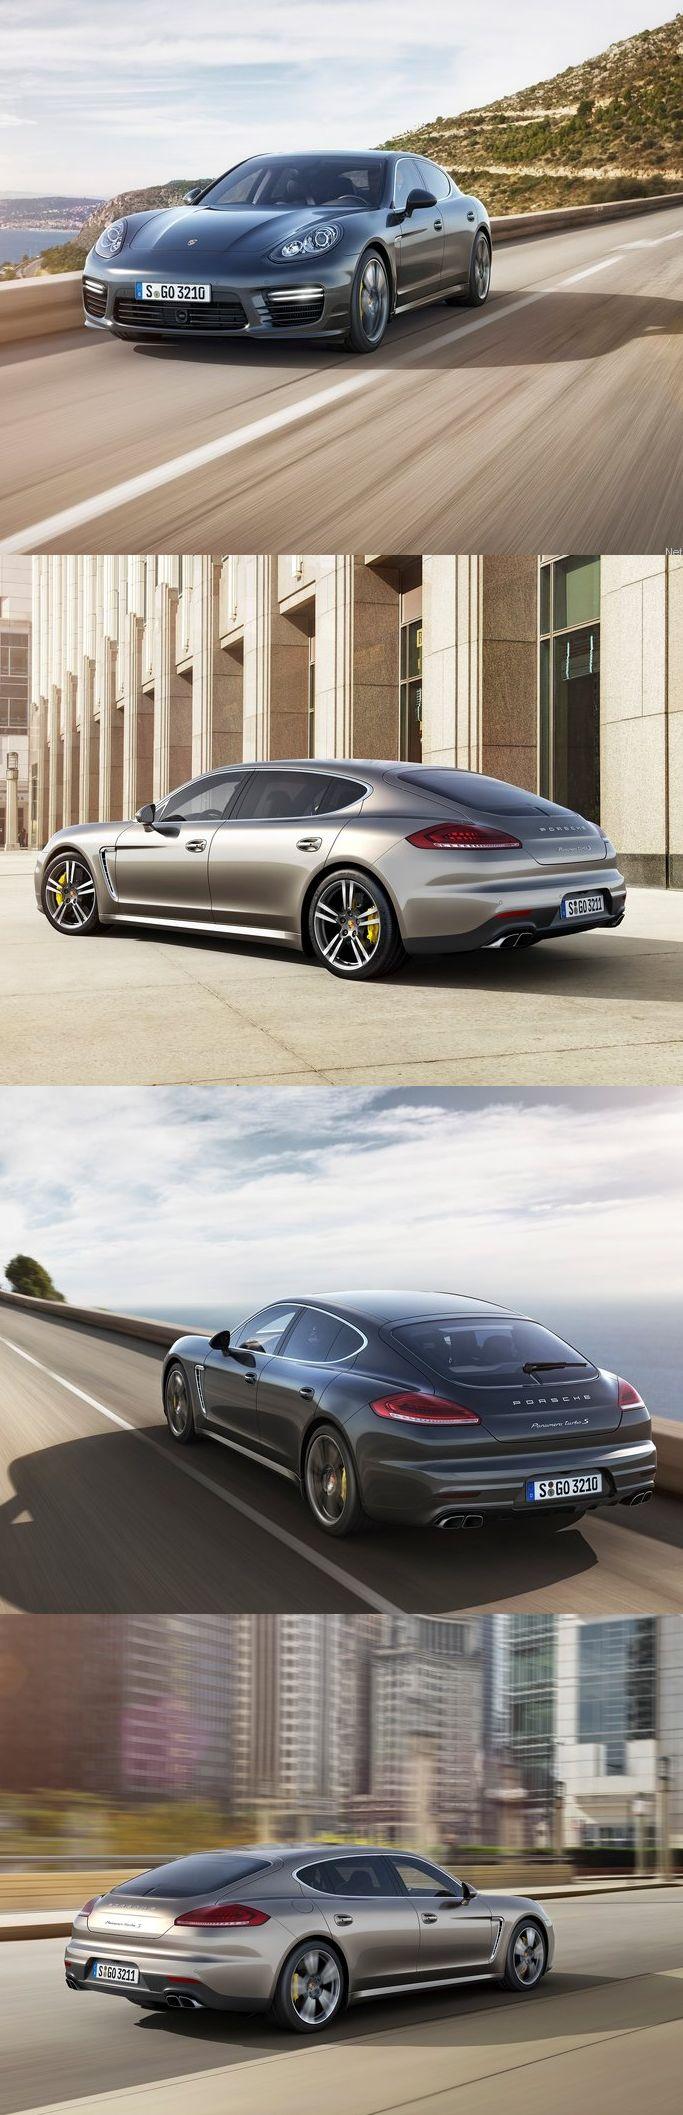 Sublime Porsche Panamera ! Retrouvez nos tapis sur mesure haut de gamme sur…